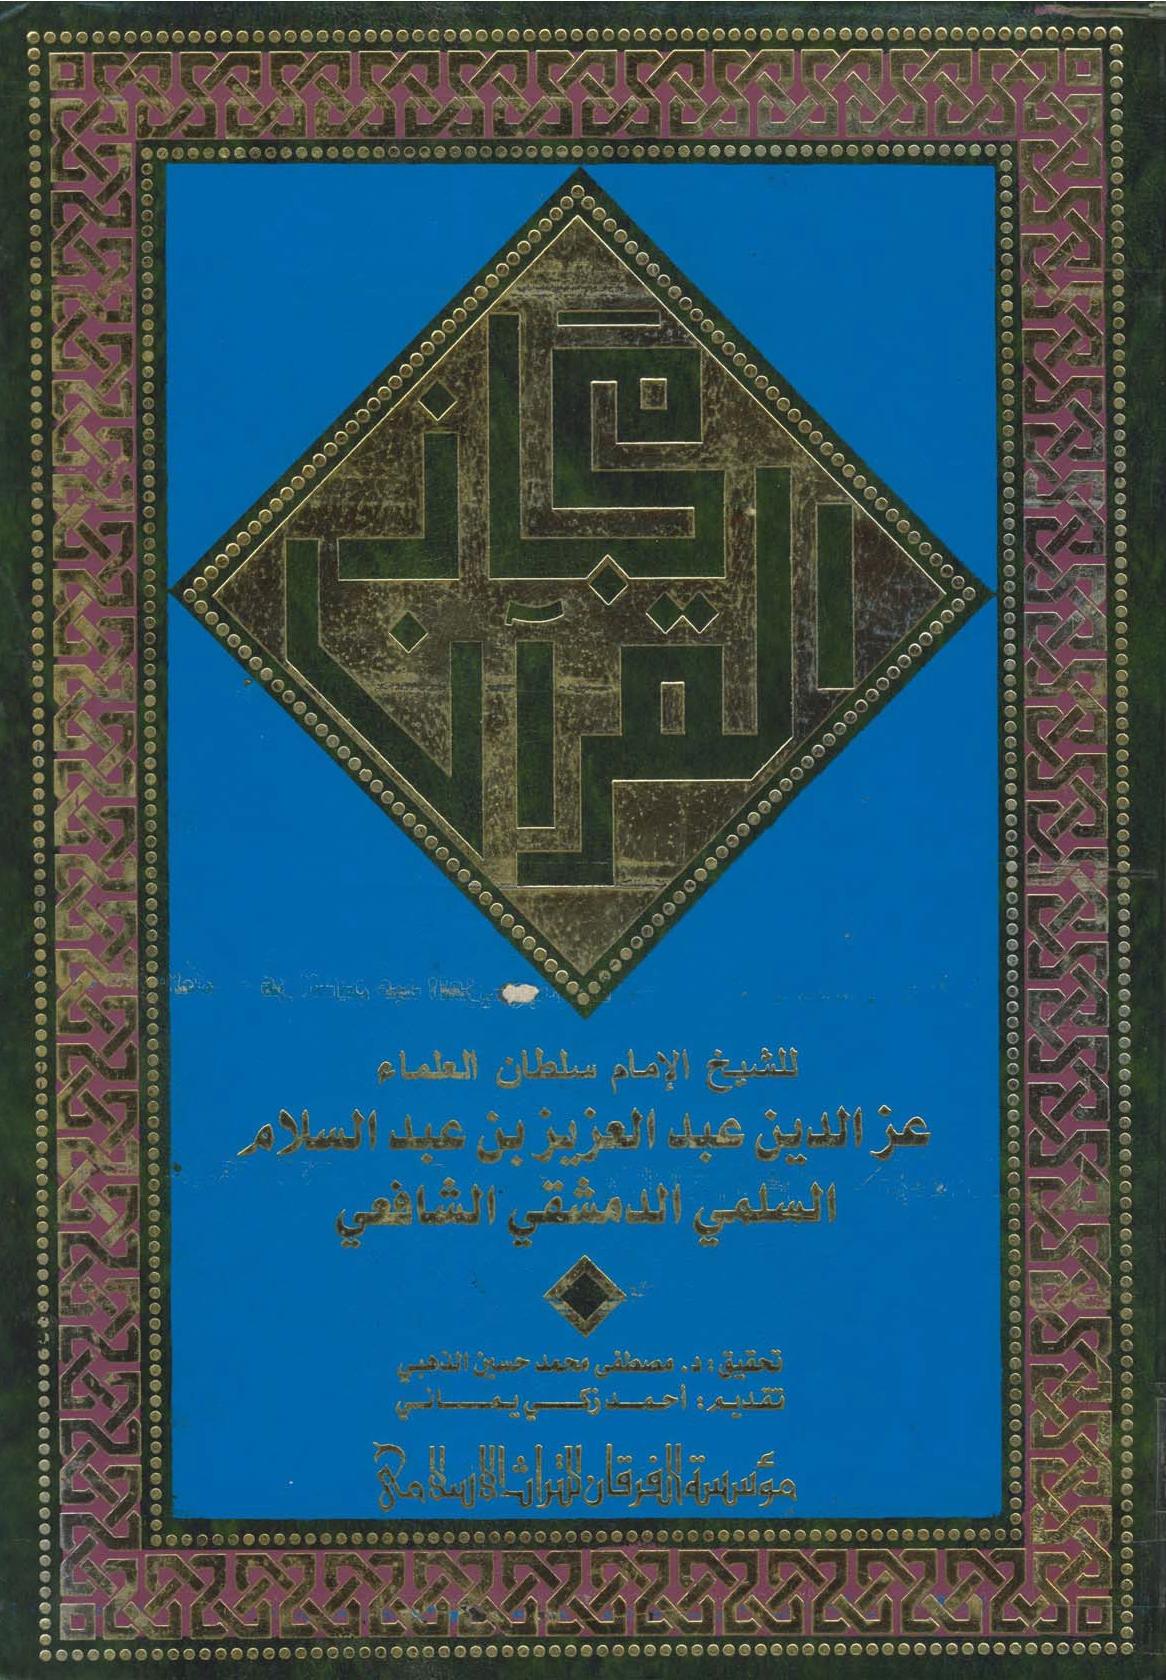 تحميل كتاب مجاز القرآن (عز الدين ابن عبد السلام) لـِ: الإمام أبو محمد عز الدين عبد العزيز بن عبد السلام السلمي الدمشقي، سلطان العلماء (ت 660)